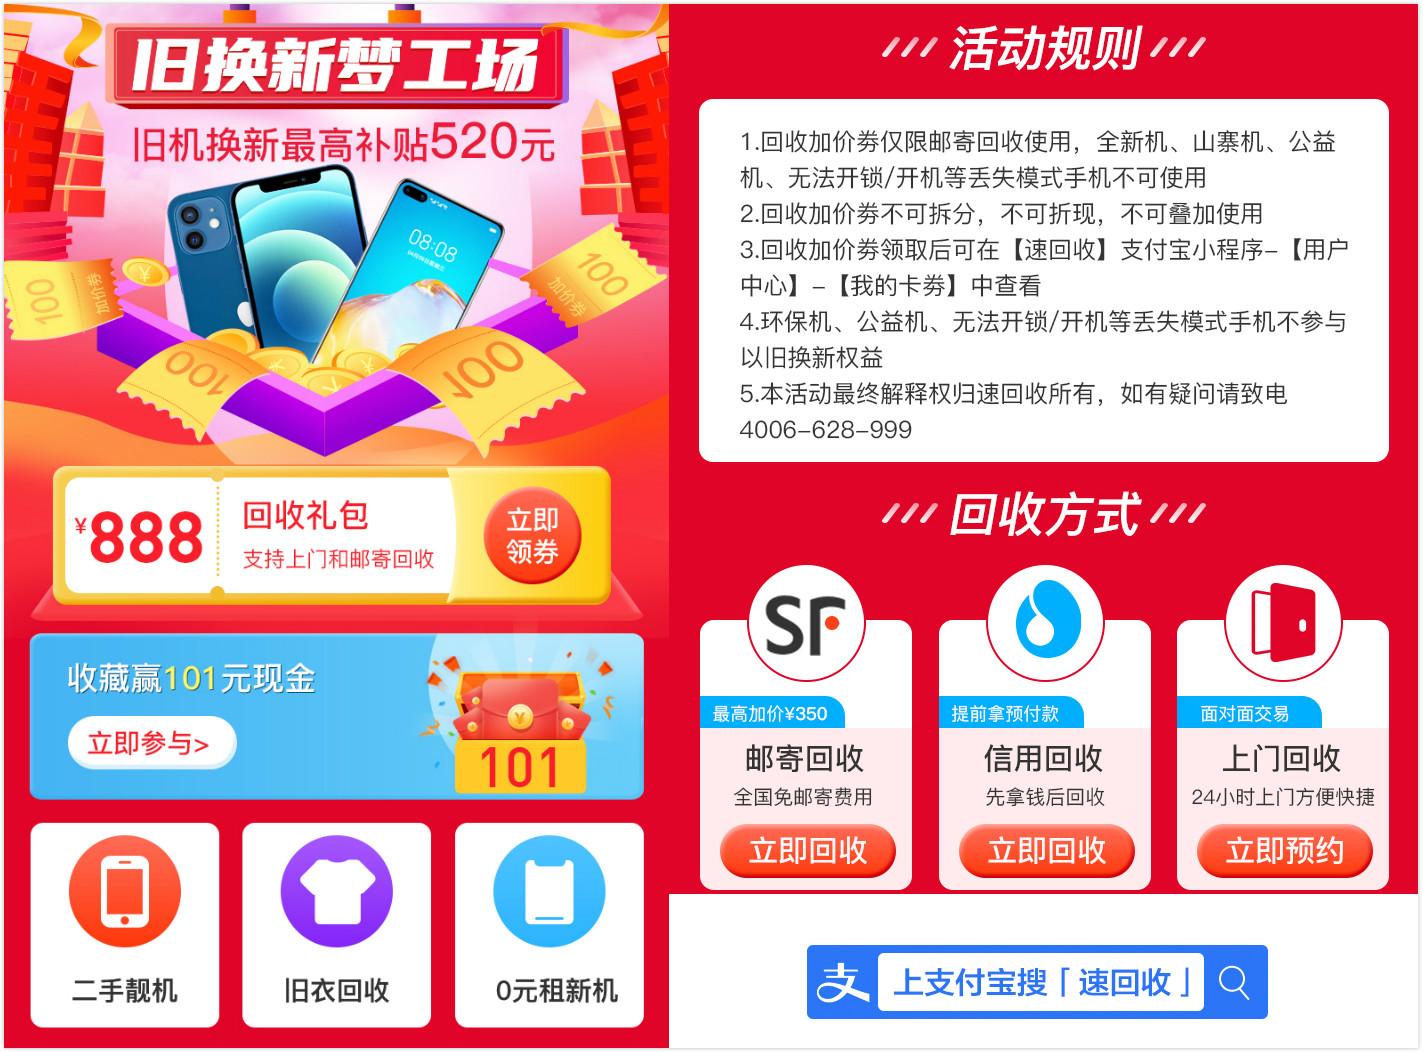 手机速回收平台联合苏宁,亿元补贴以旧换新迎战双十一